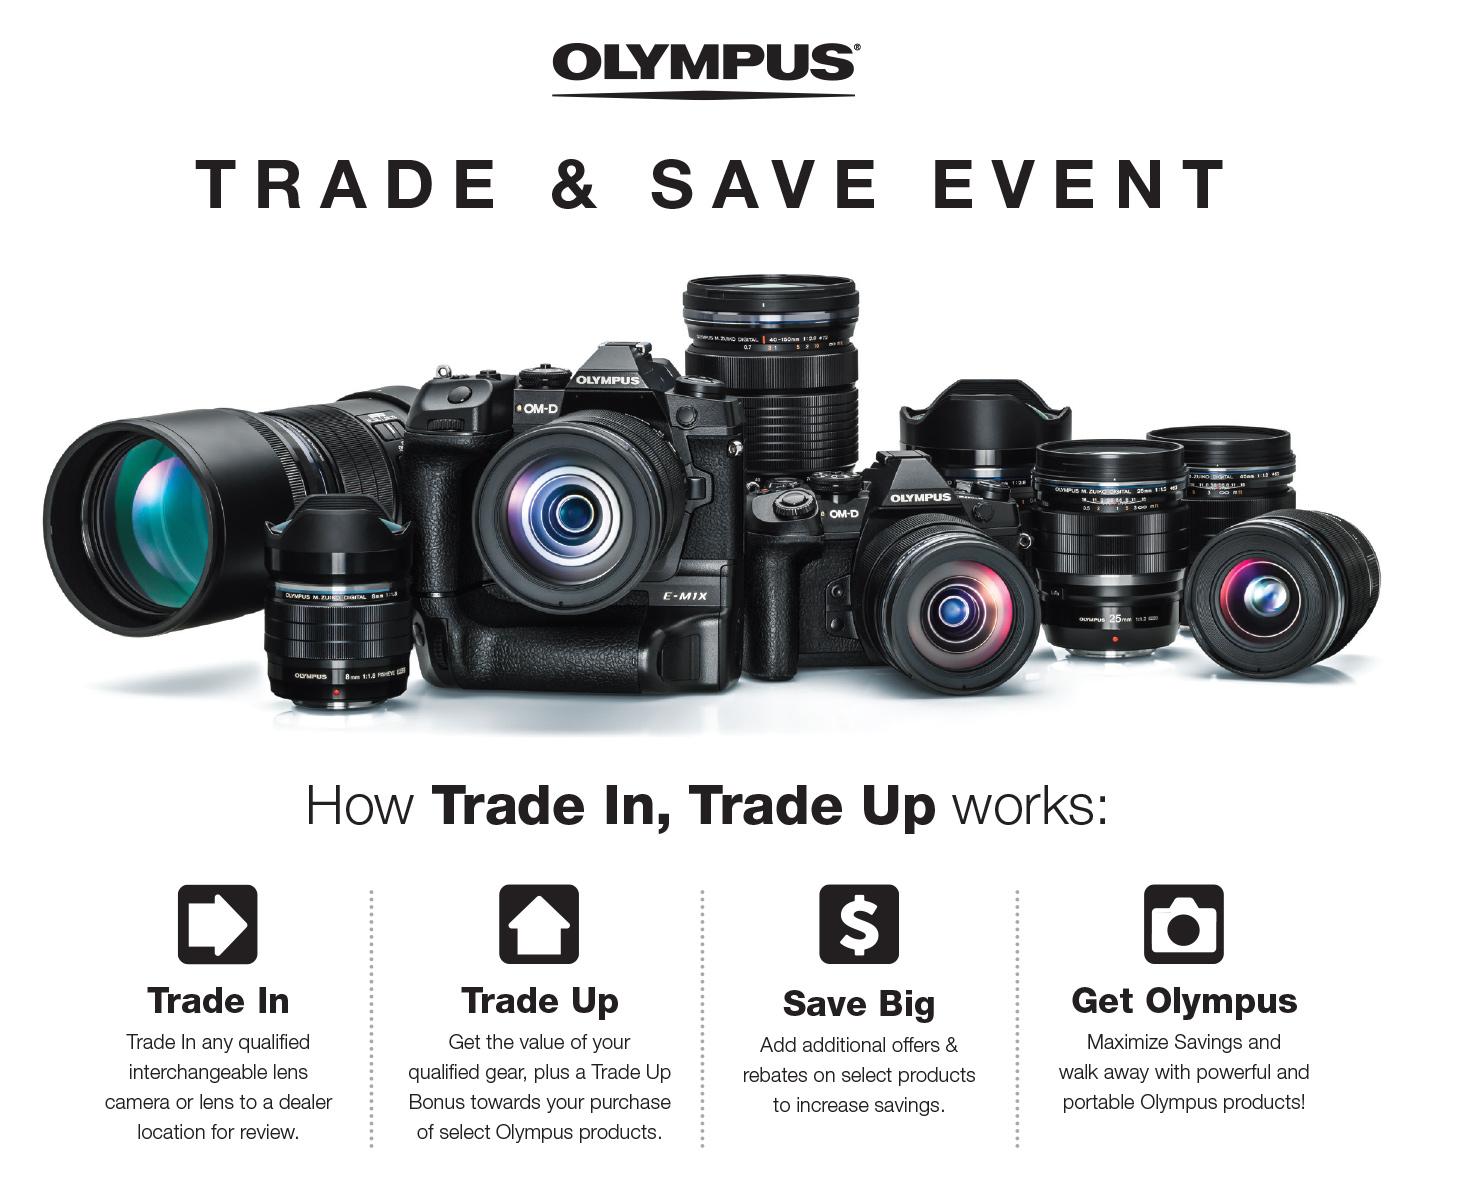 Olympus 2019 Trade Event